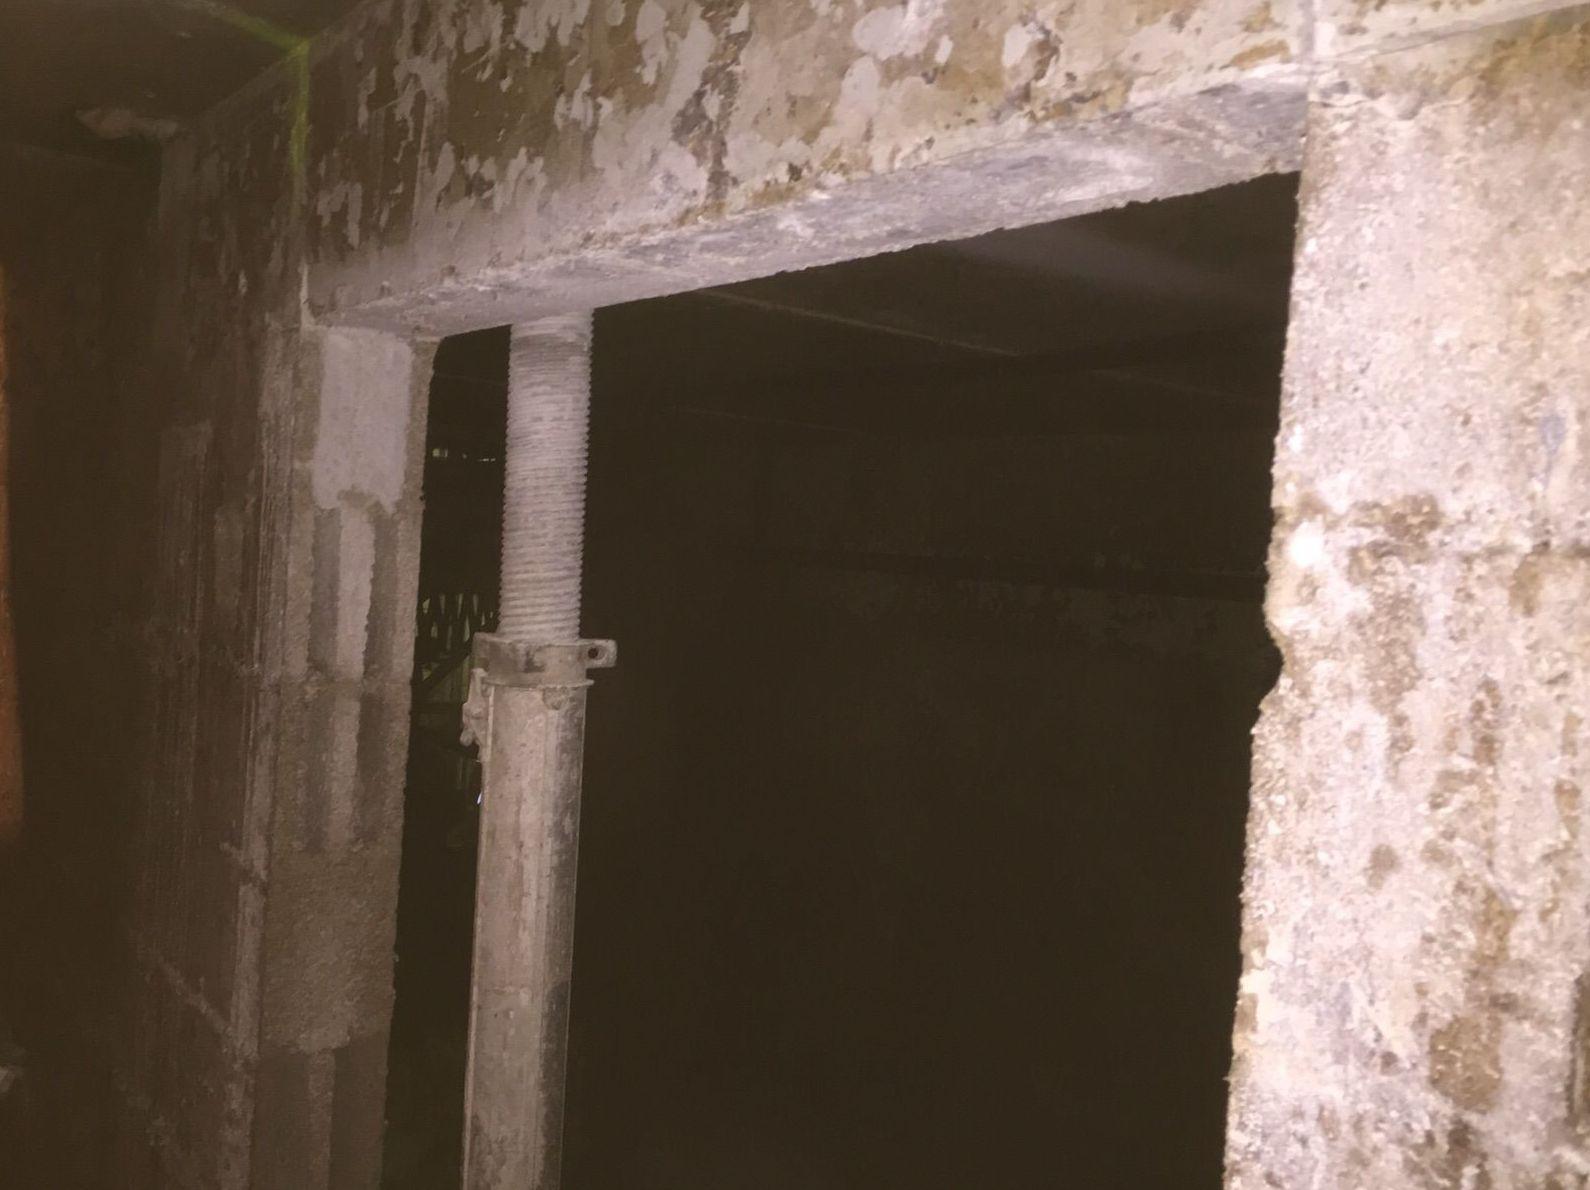 Corte de hormigón para cincho de hormigón mas bloque de hormigon